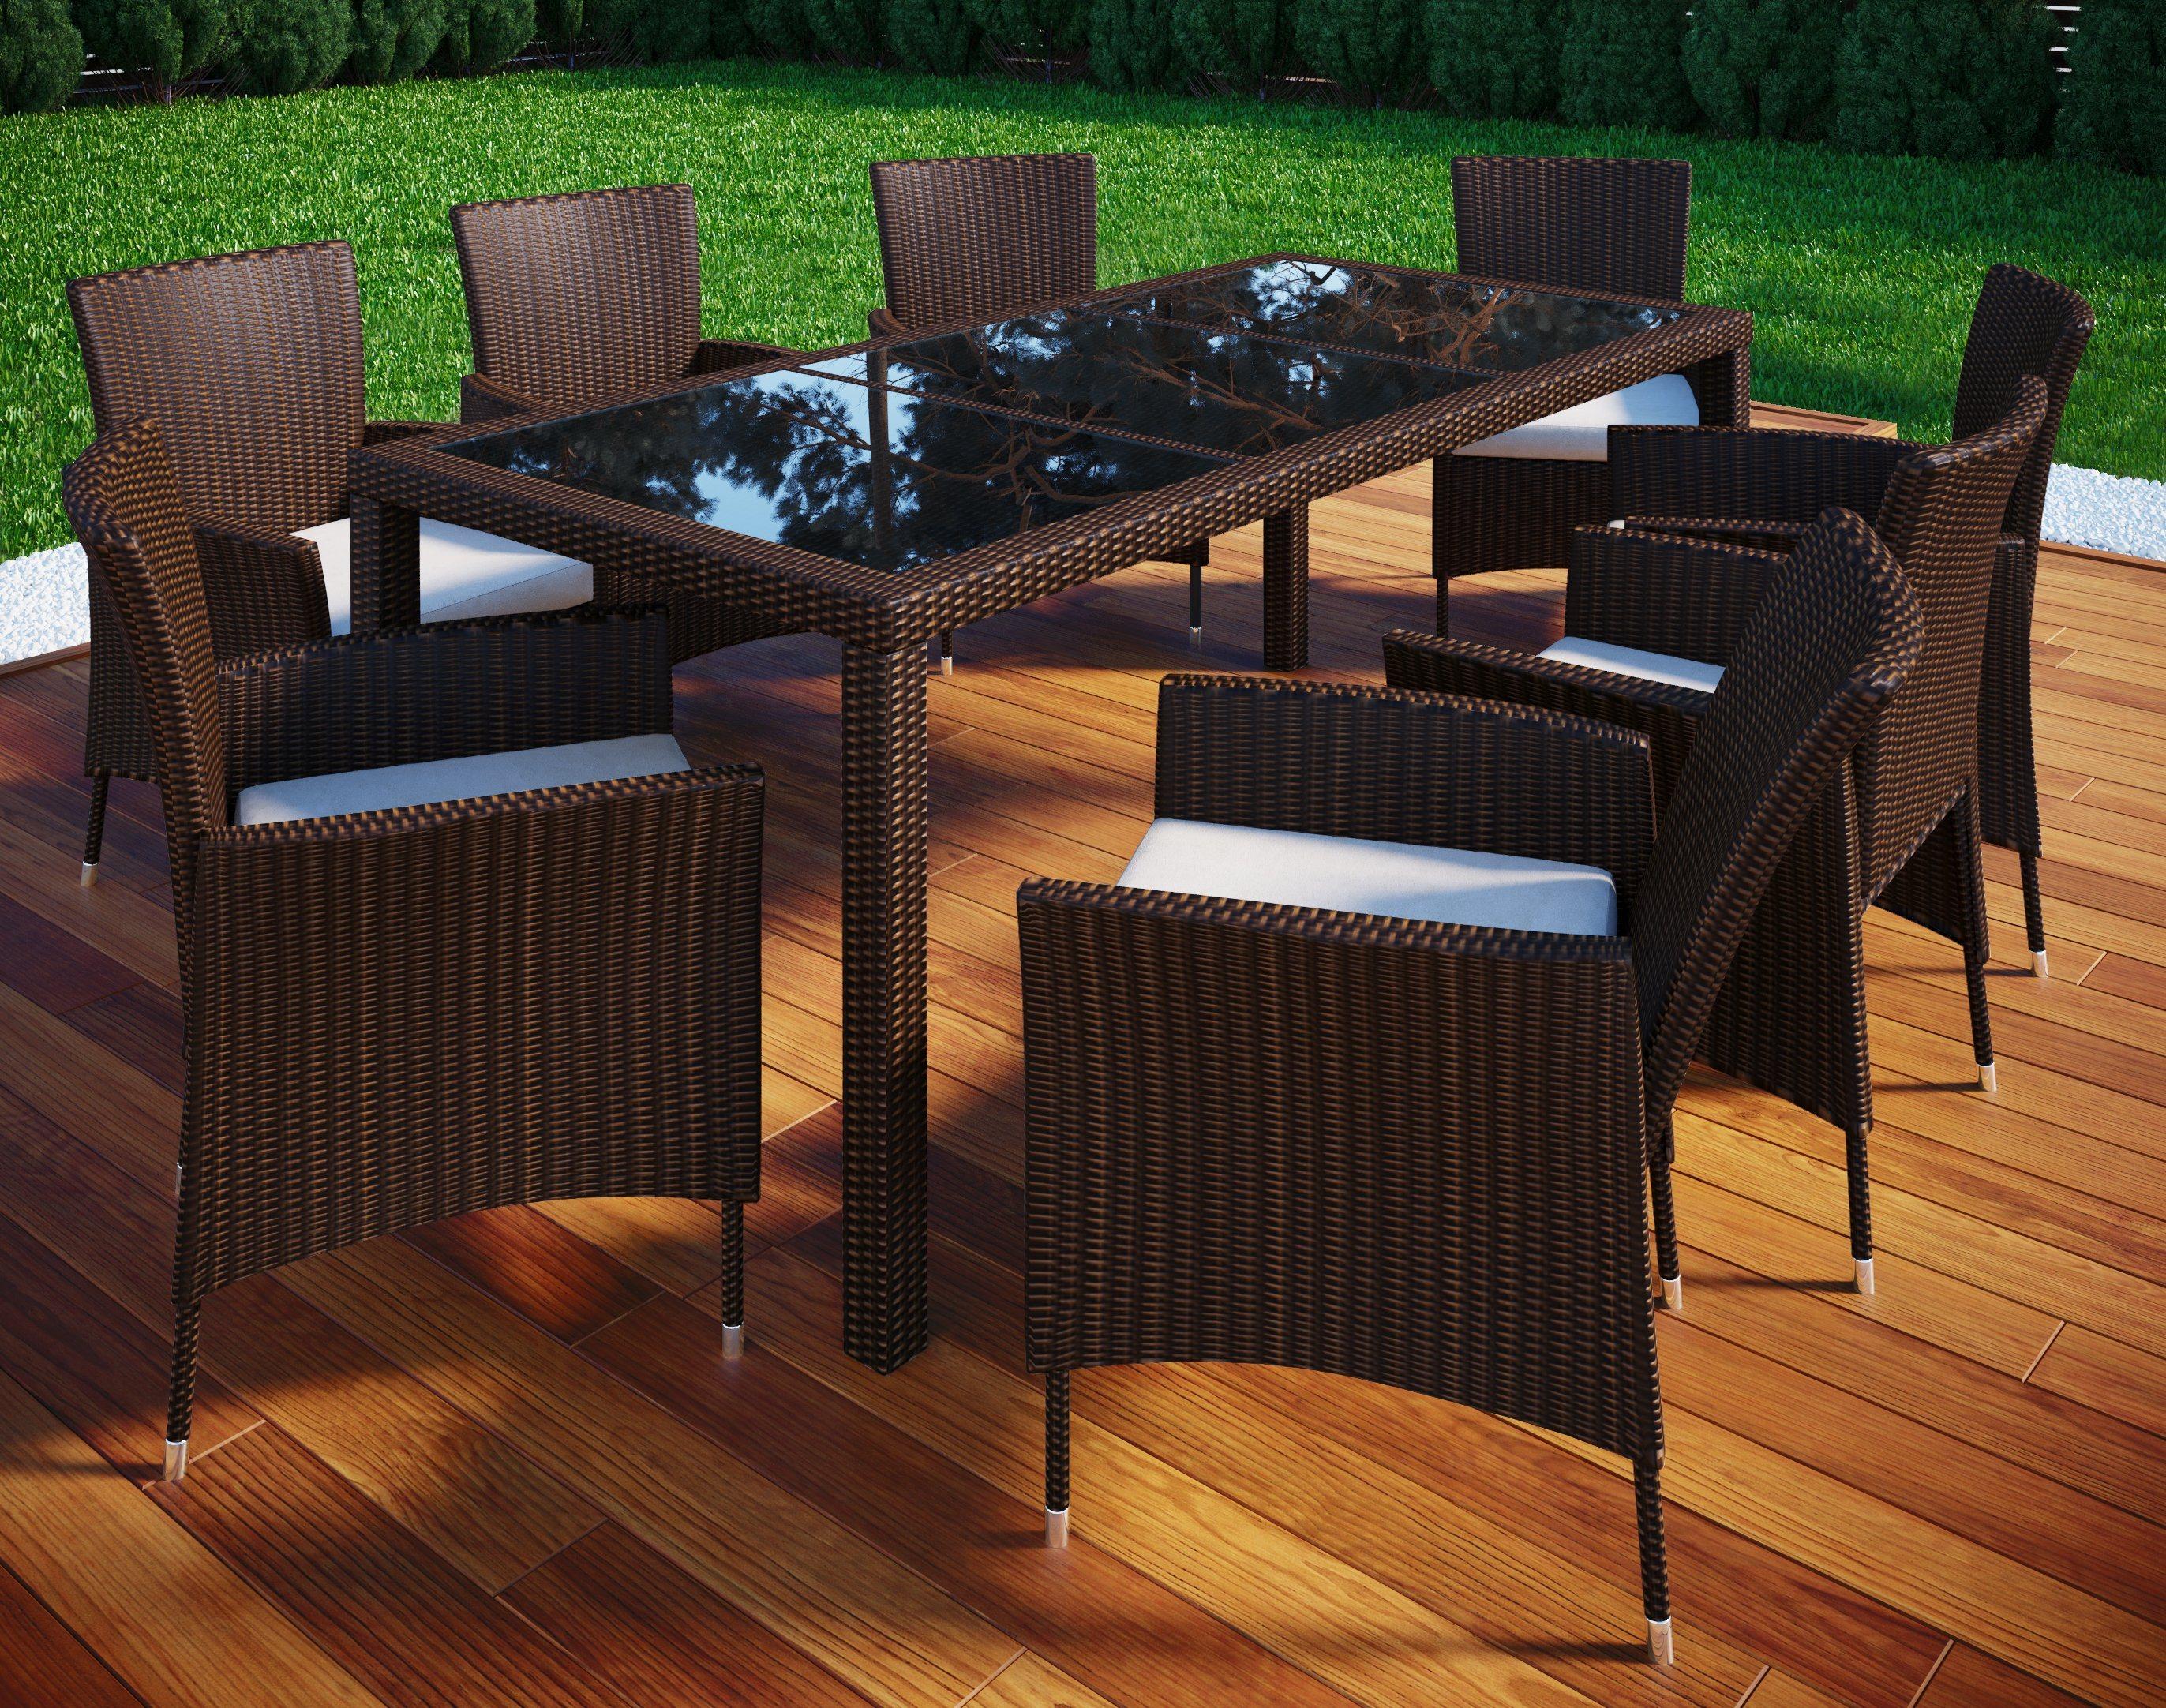 Gartenmöbel Set Preisvergleich Die Besten Angebote Online Kaufen